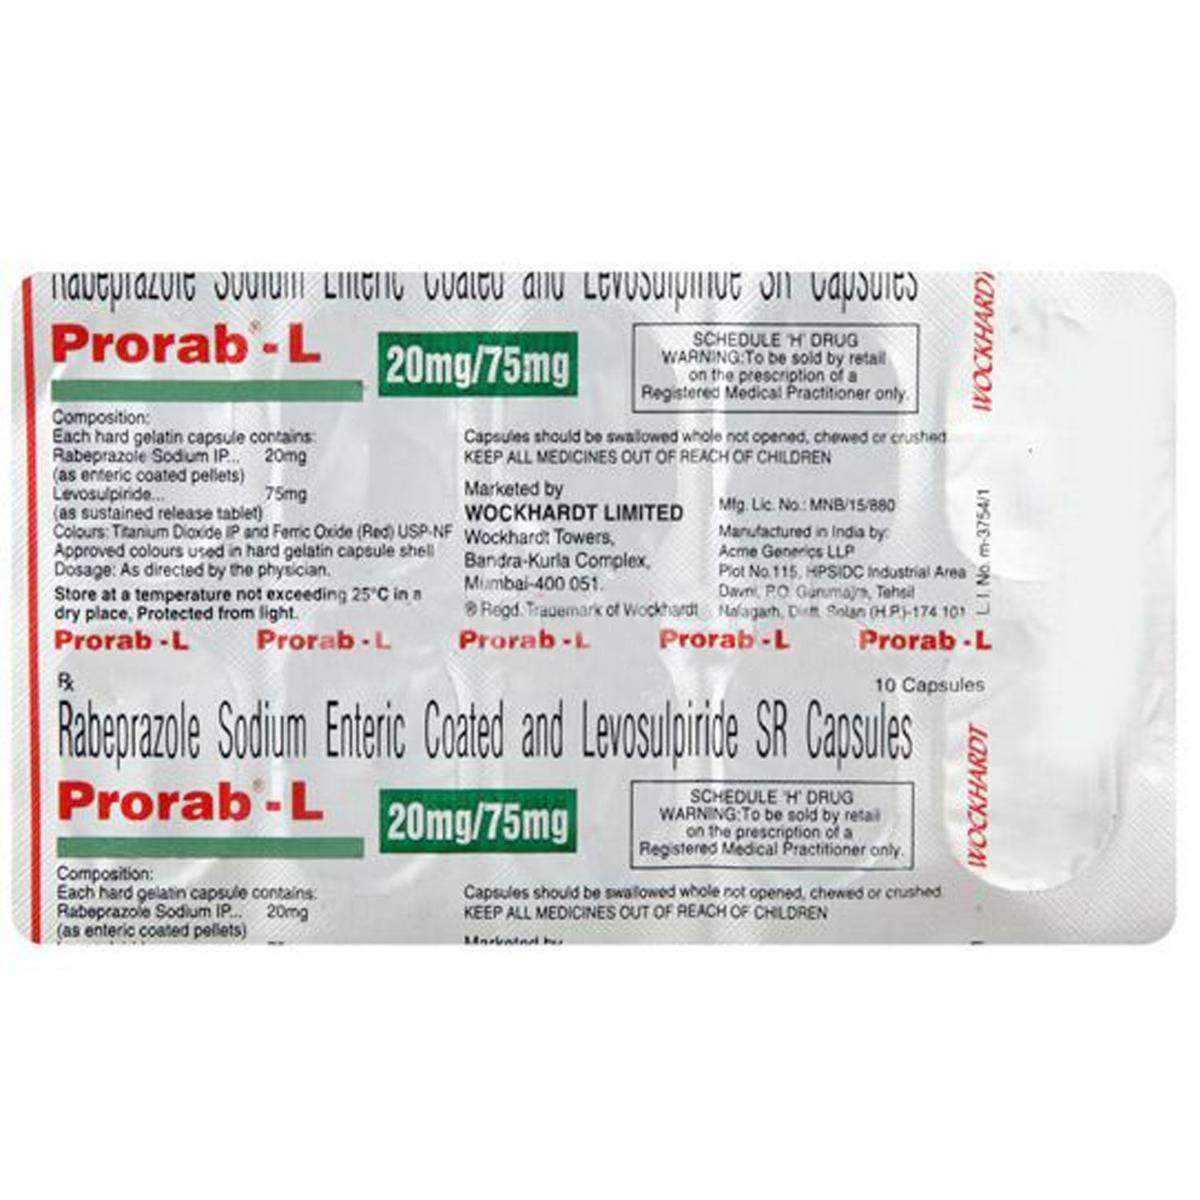 Prorab-L Capsule 10's